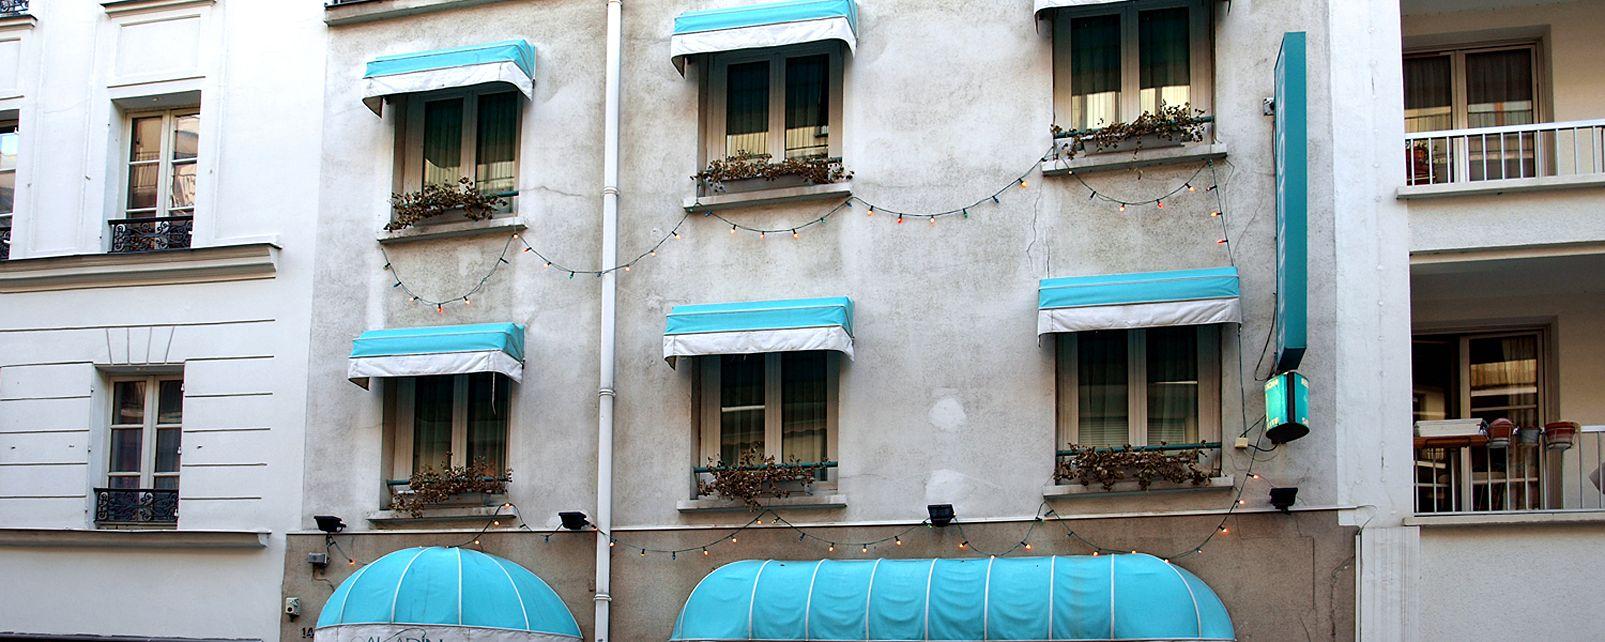 Hotel Aladin Parigi